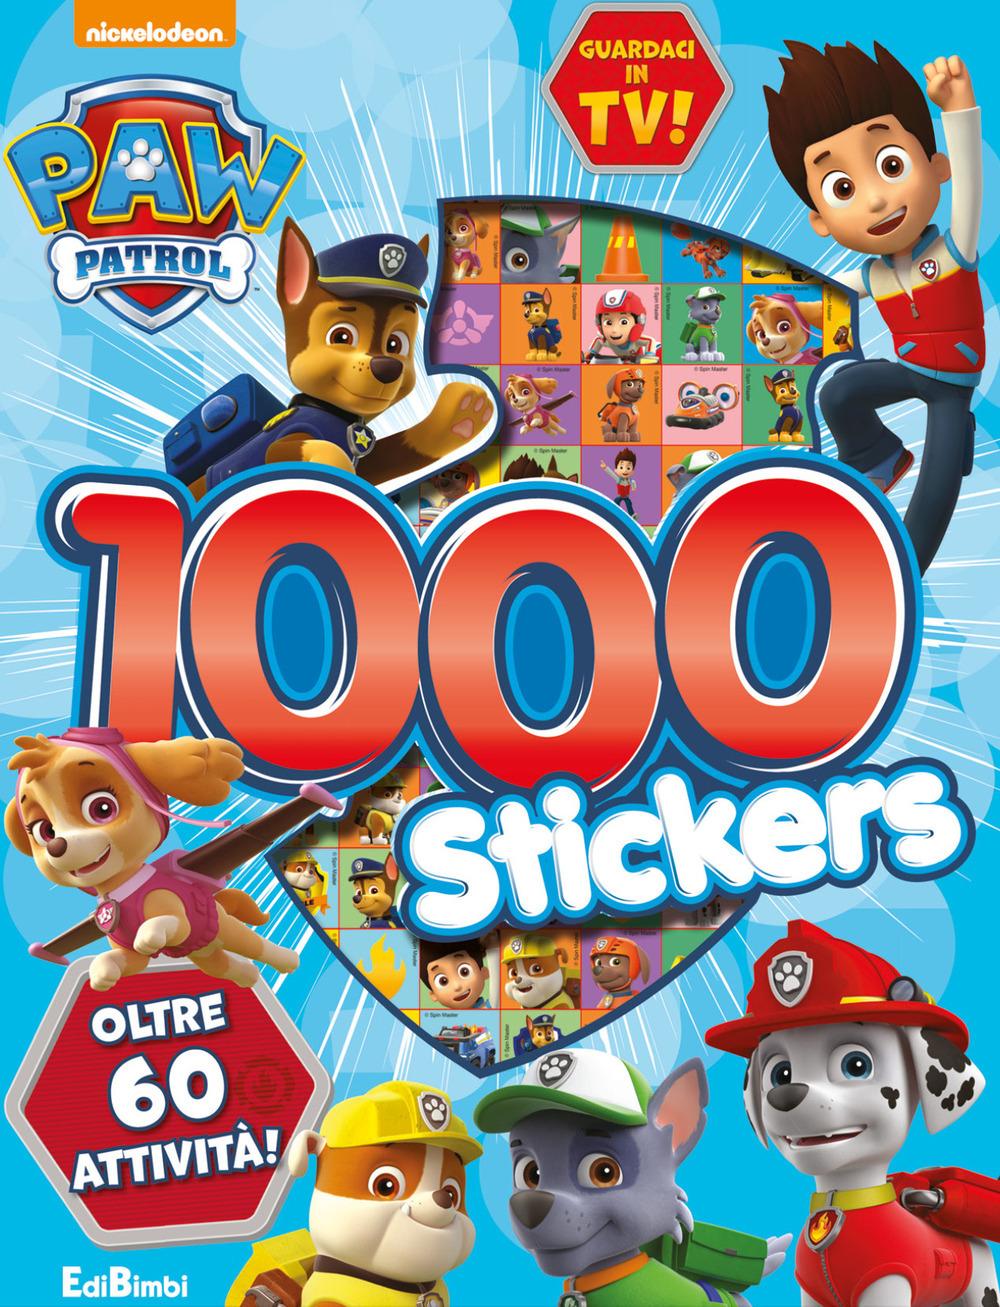 Libri 1000 Stickers. Paw Patrol. Con Adesivi. Ediz. A Colori NUOVO SIGILLATO, EDIZIONE DEL 30/07/2020 SUBITO DISPONIBILE